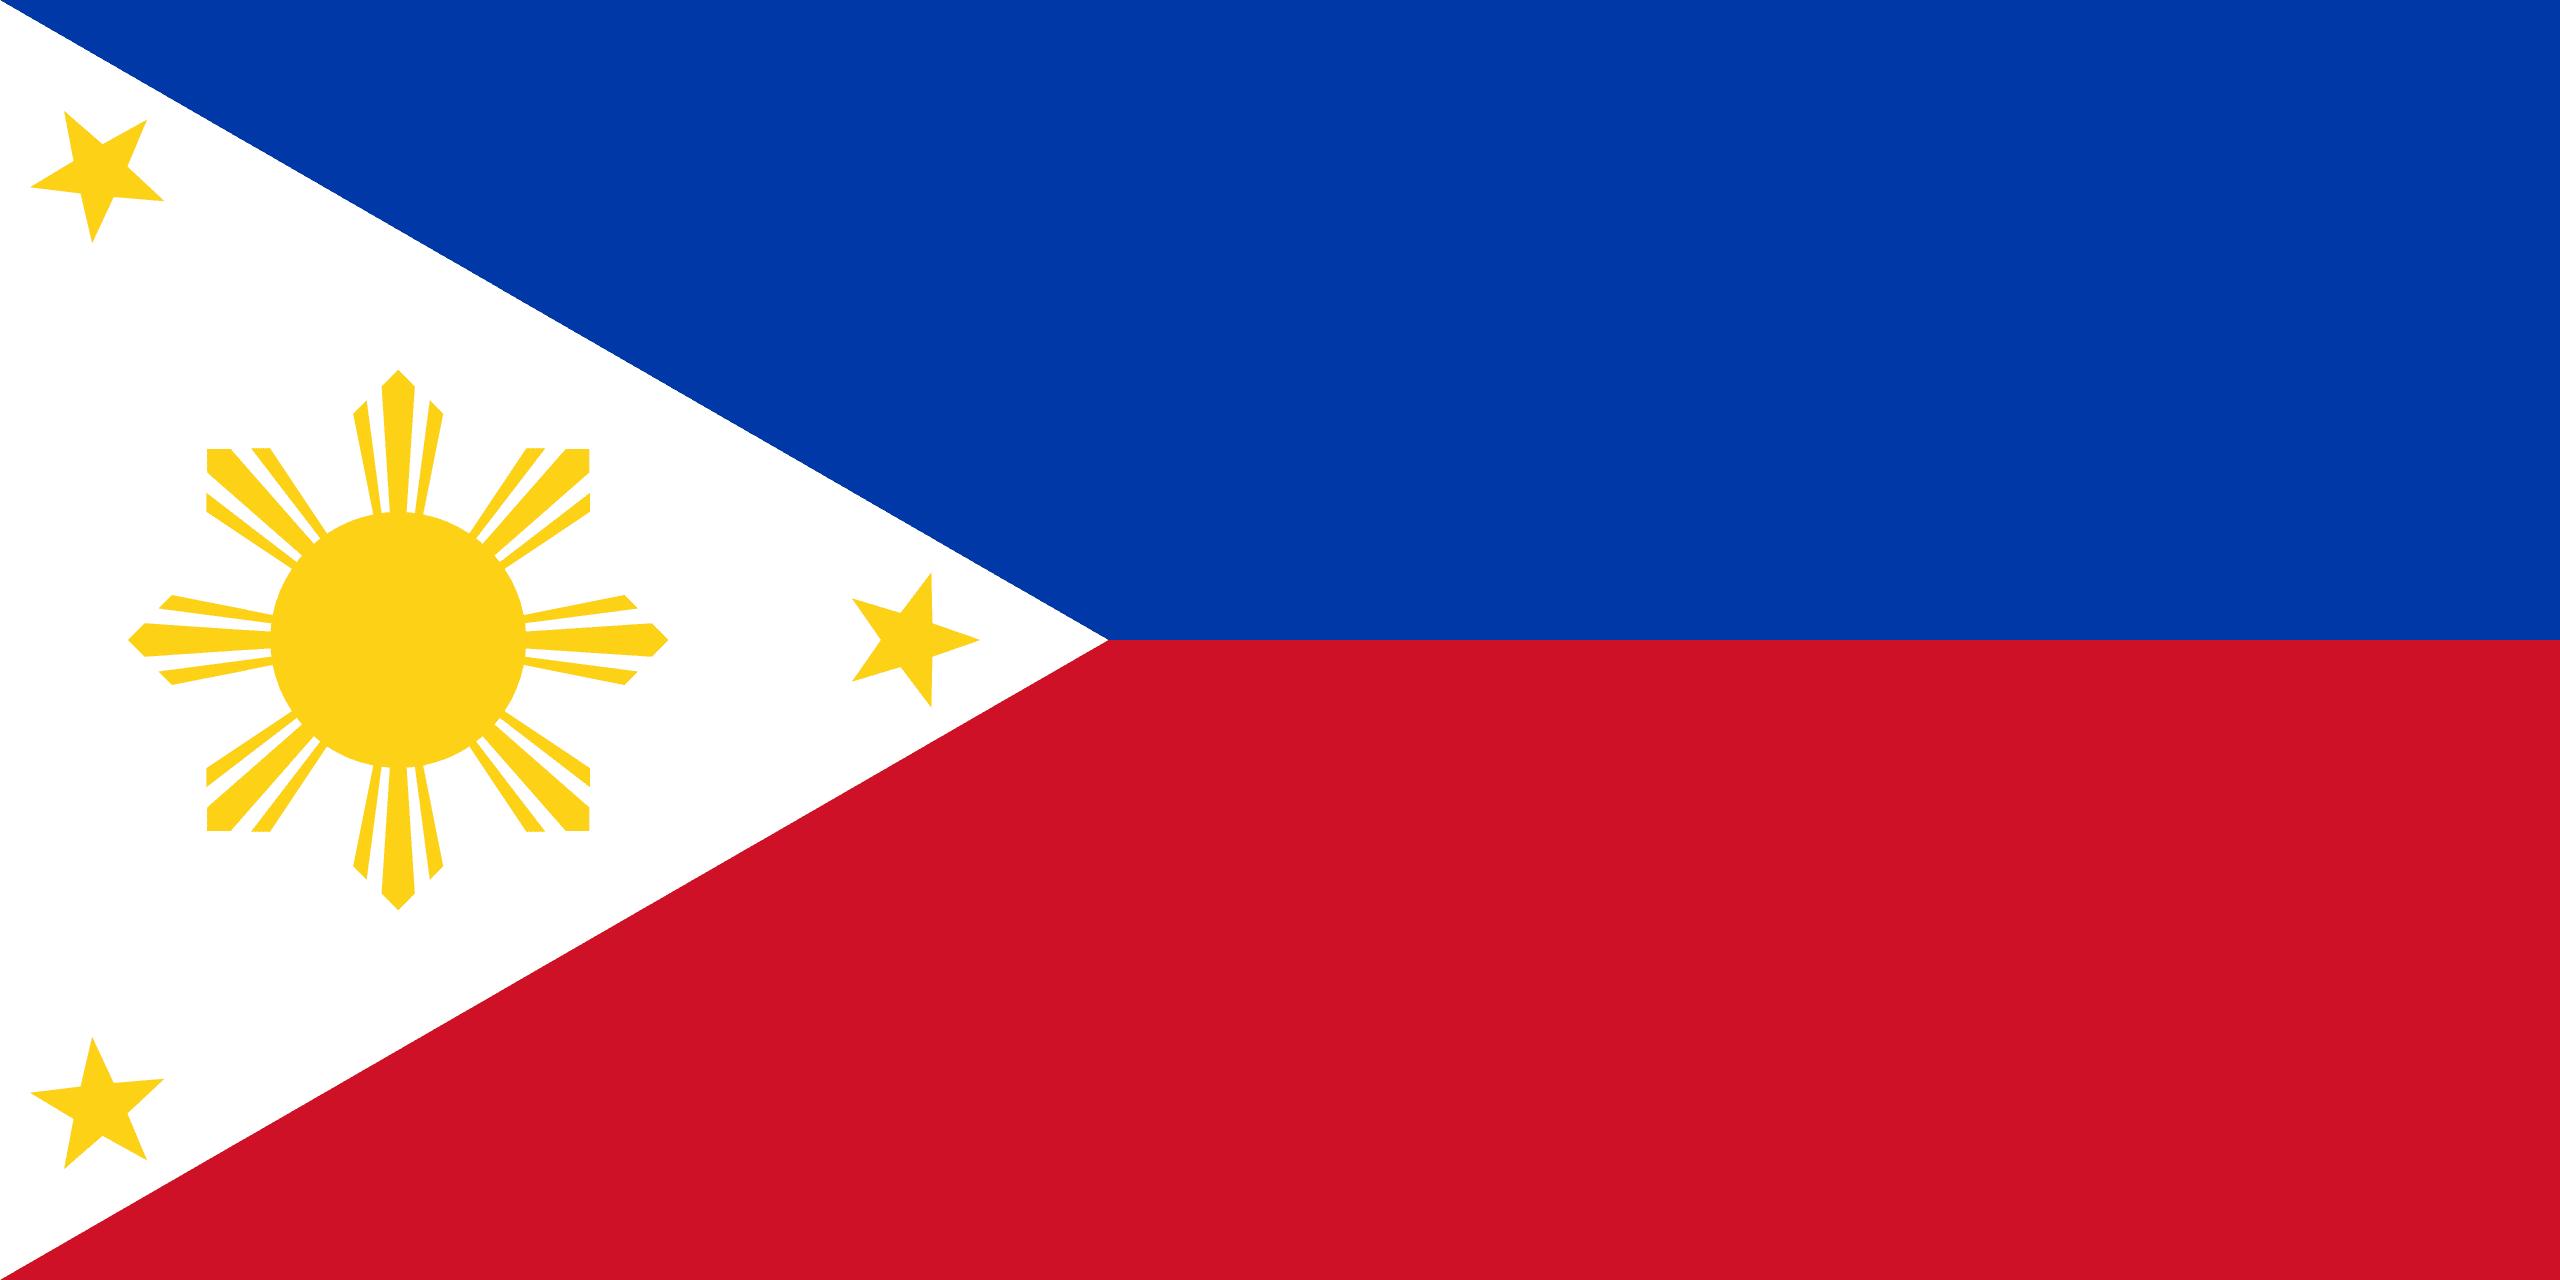 Filipinler Bayrağı ?? – Ülke bayrakları